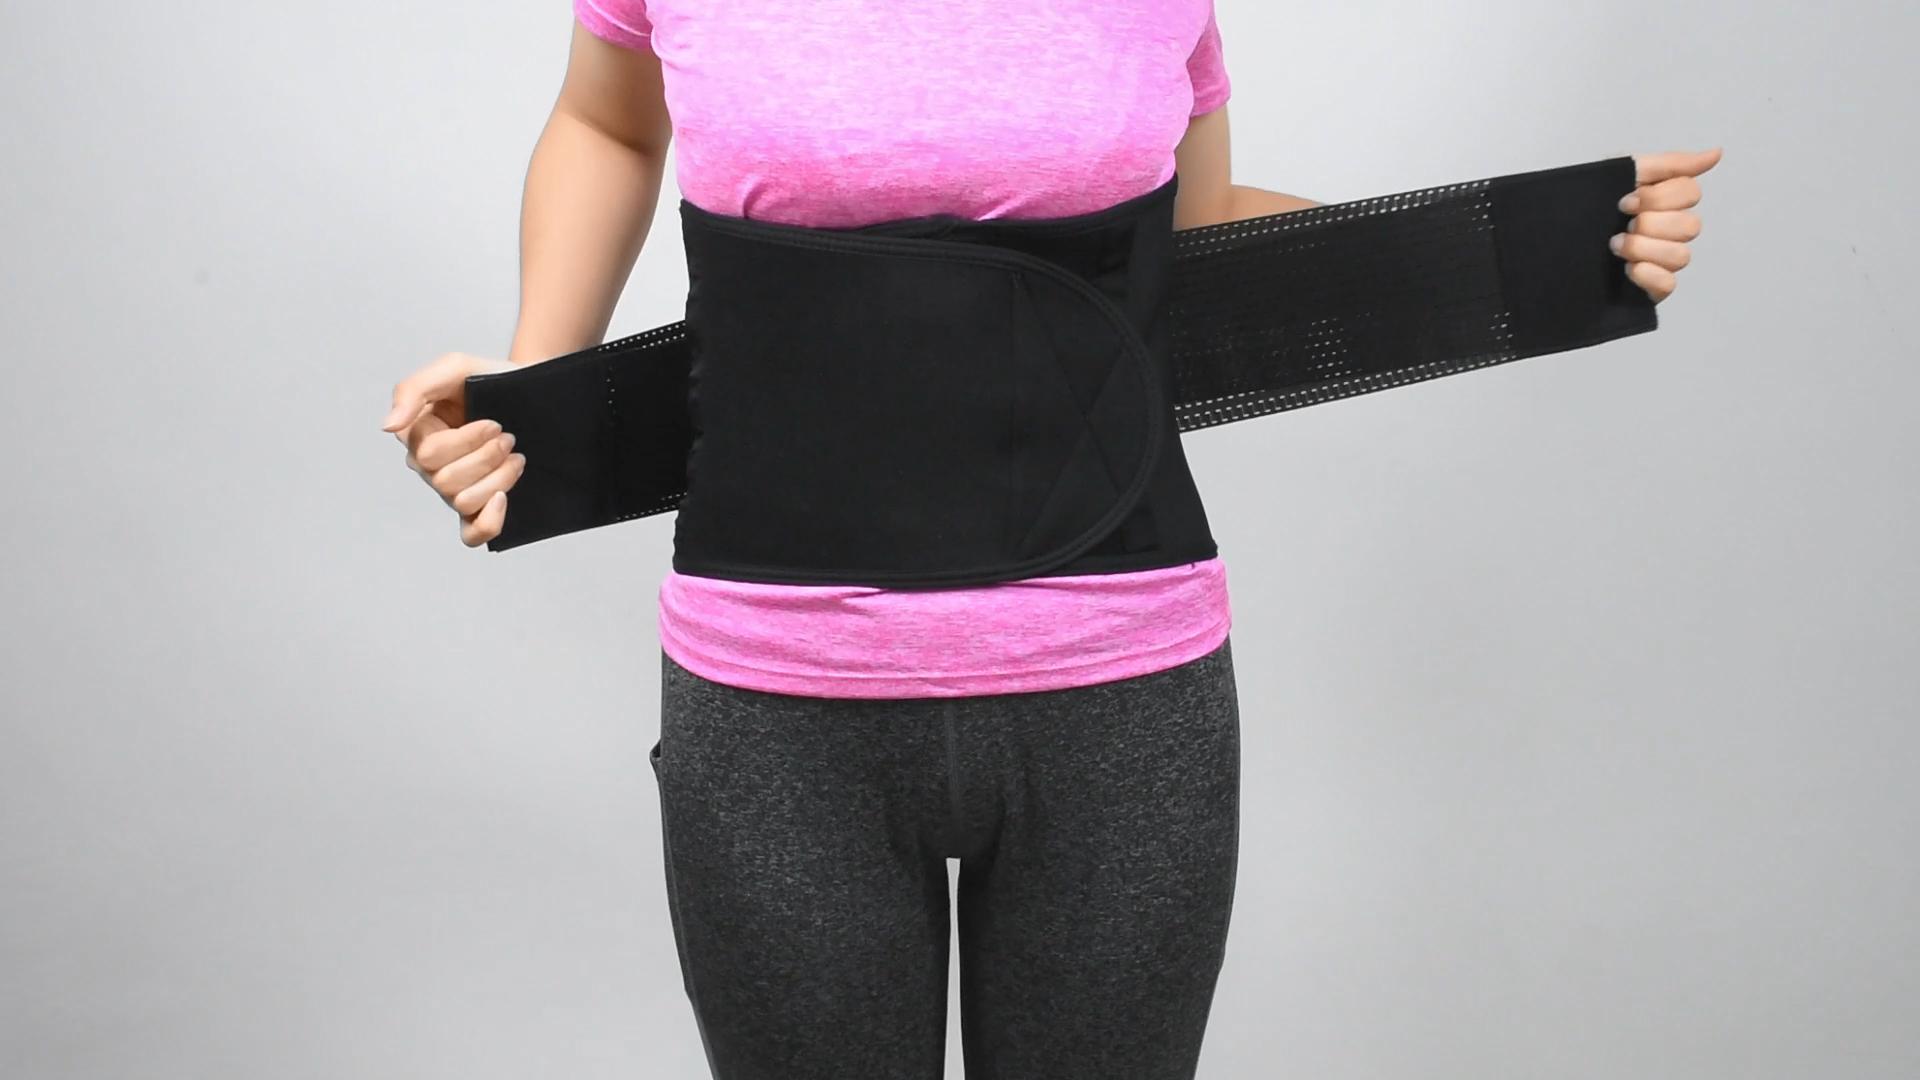 คุณภาพสูงBellyลดน้ำหนักBody Shaper Girdle Tummyเหงื่อเข็มขัดรัดตัวNeopreneเอวTrimmer